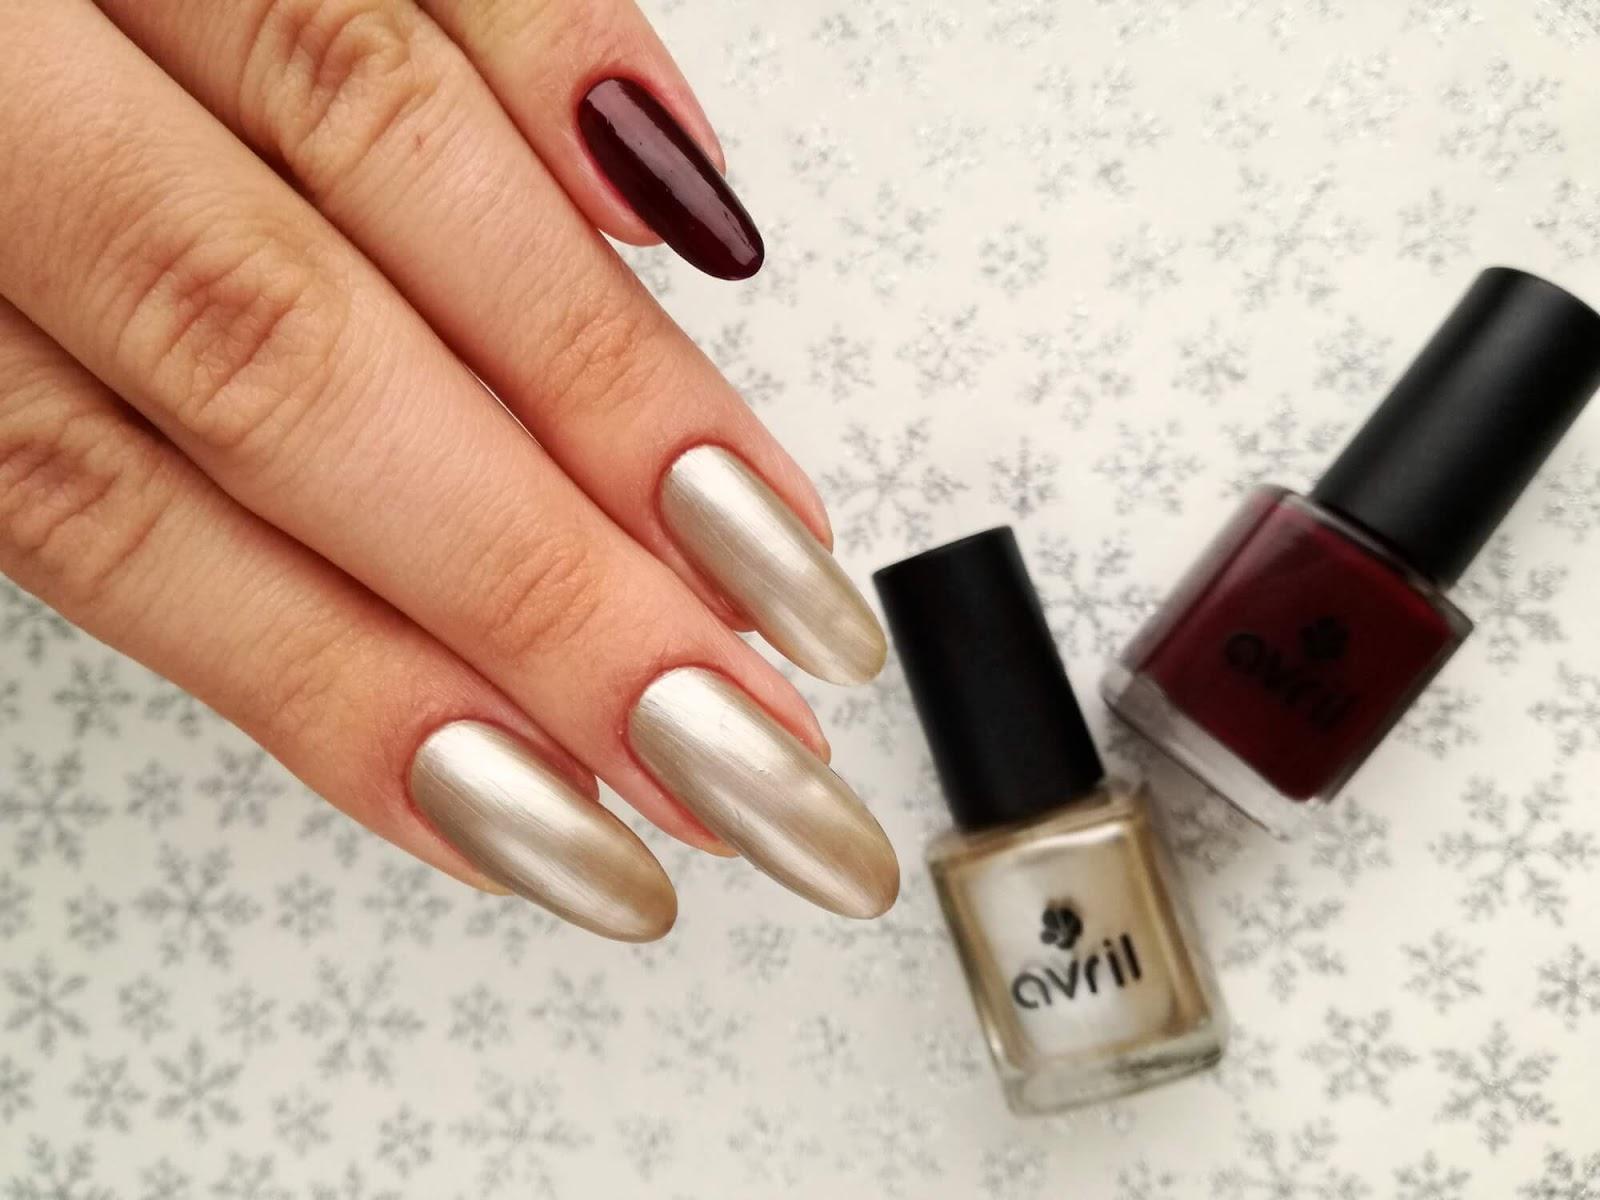 paznokcie pomalowane lakierami Avril